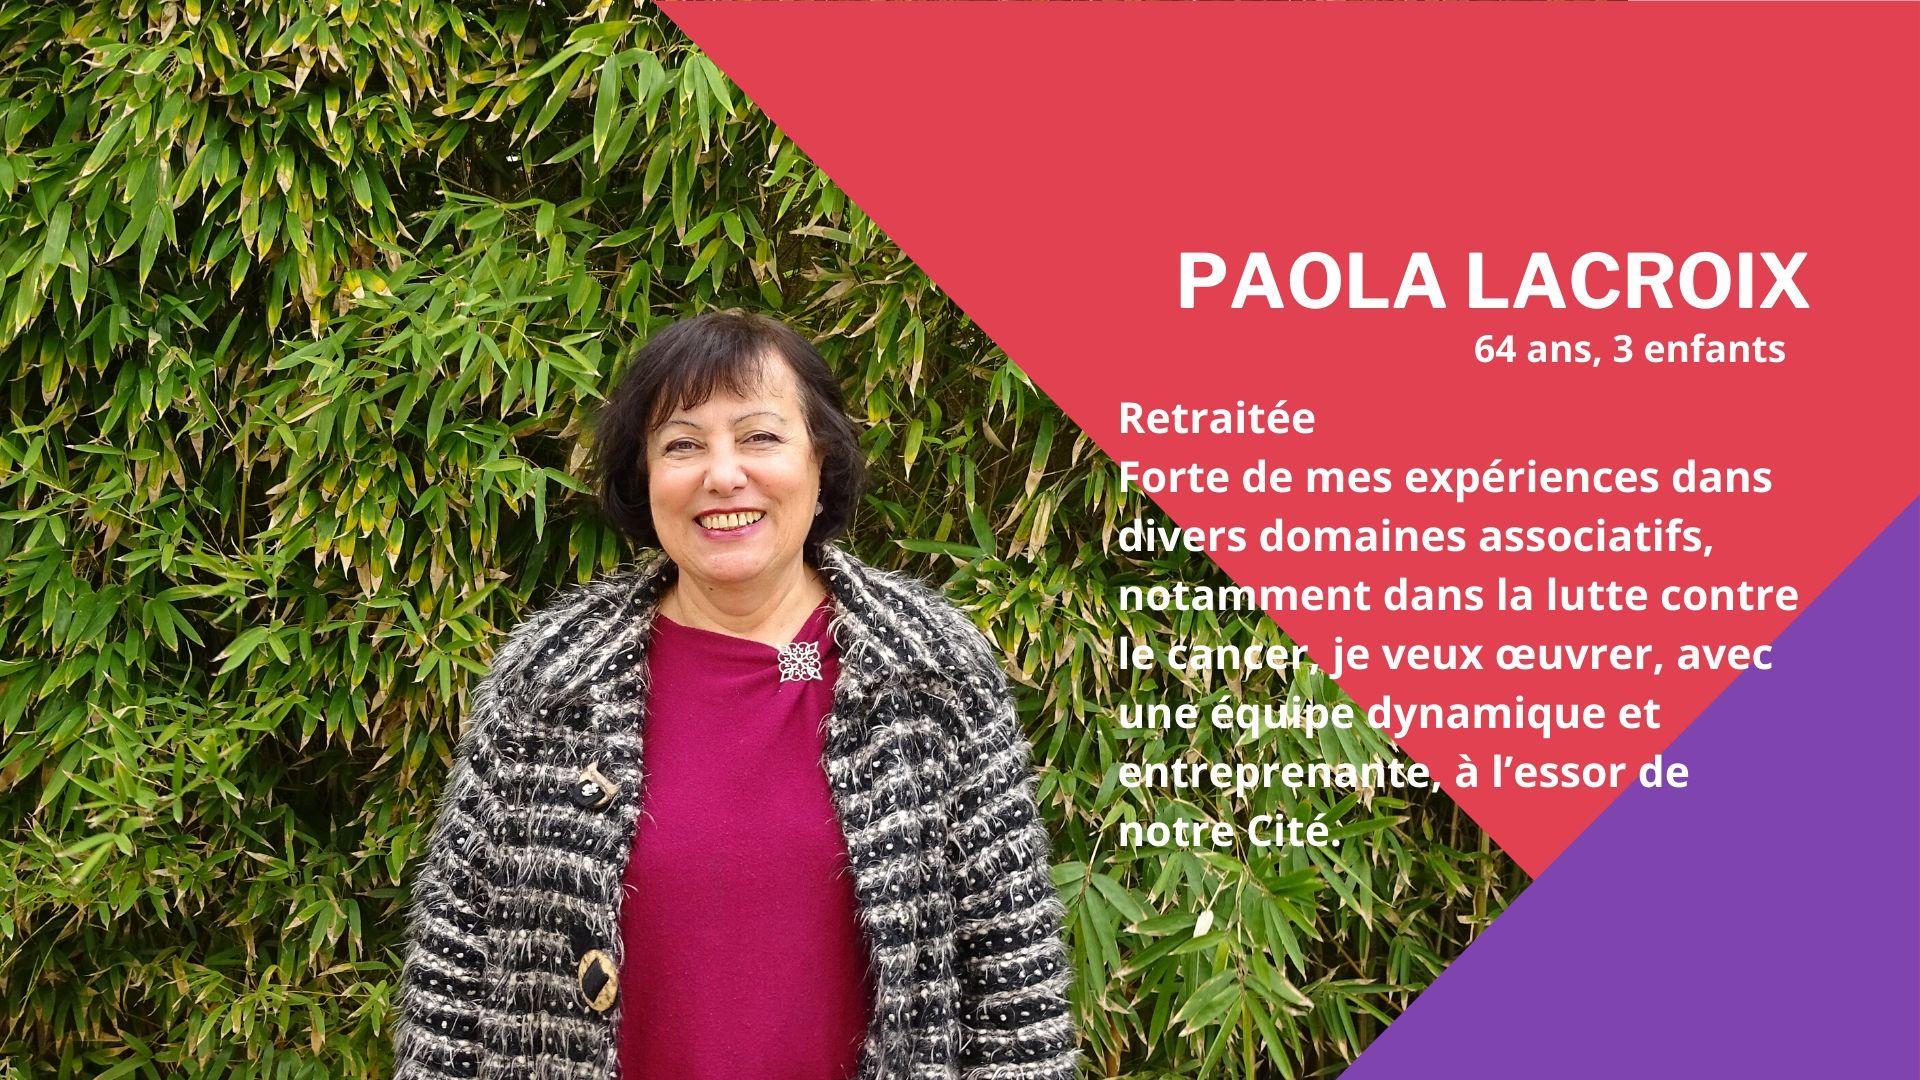 Le Revivre - Paola Lacroix